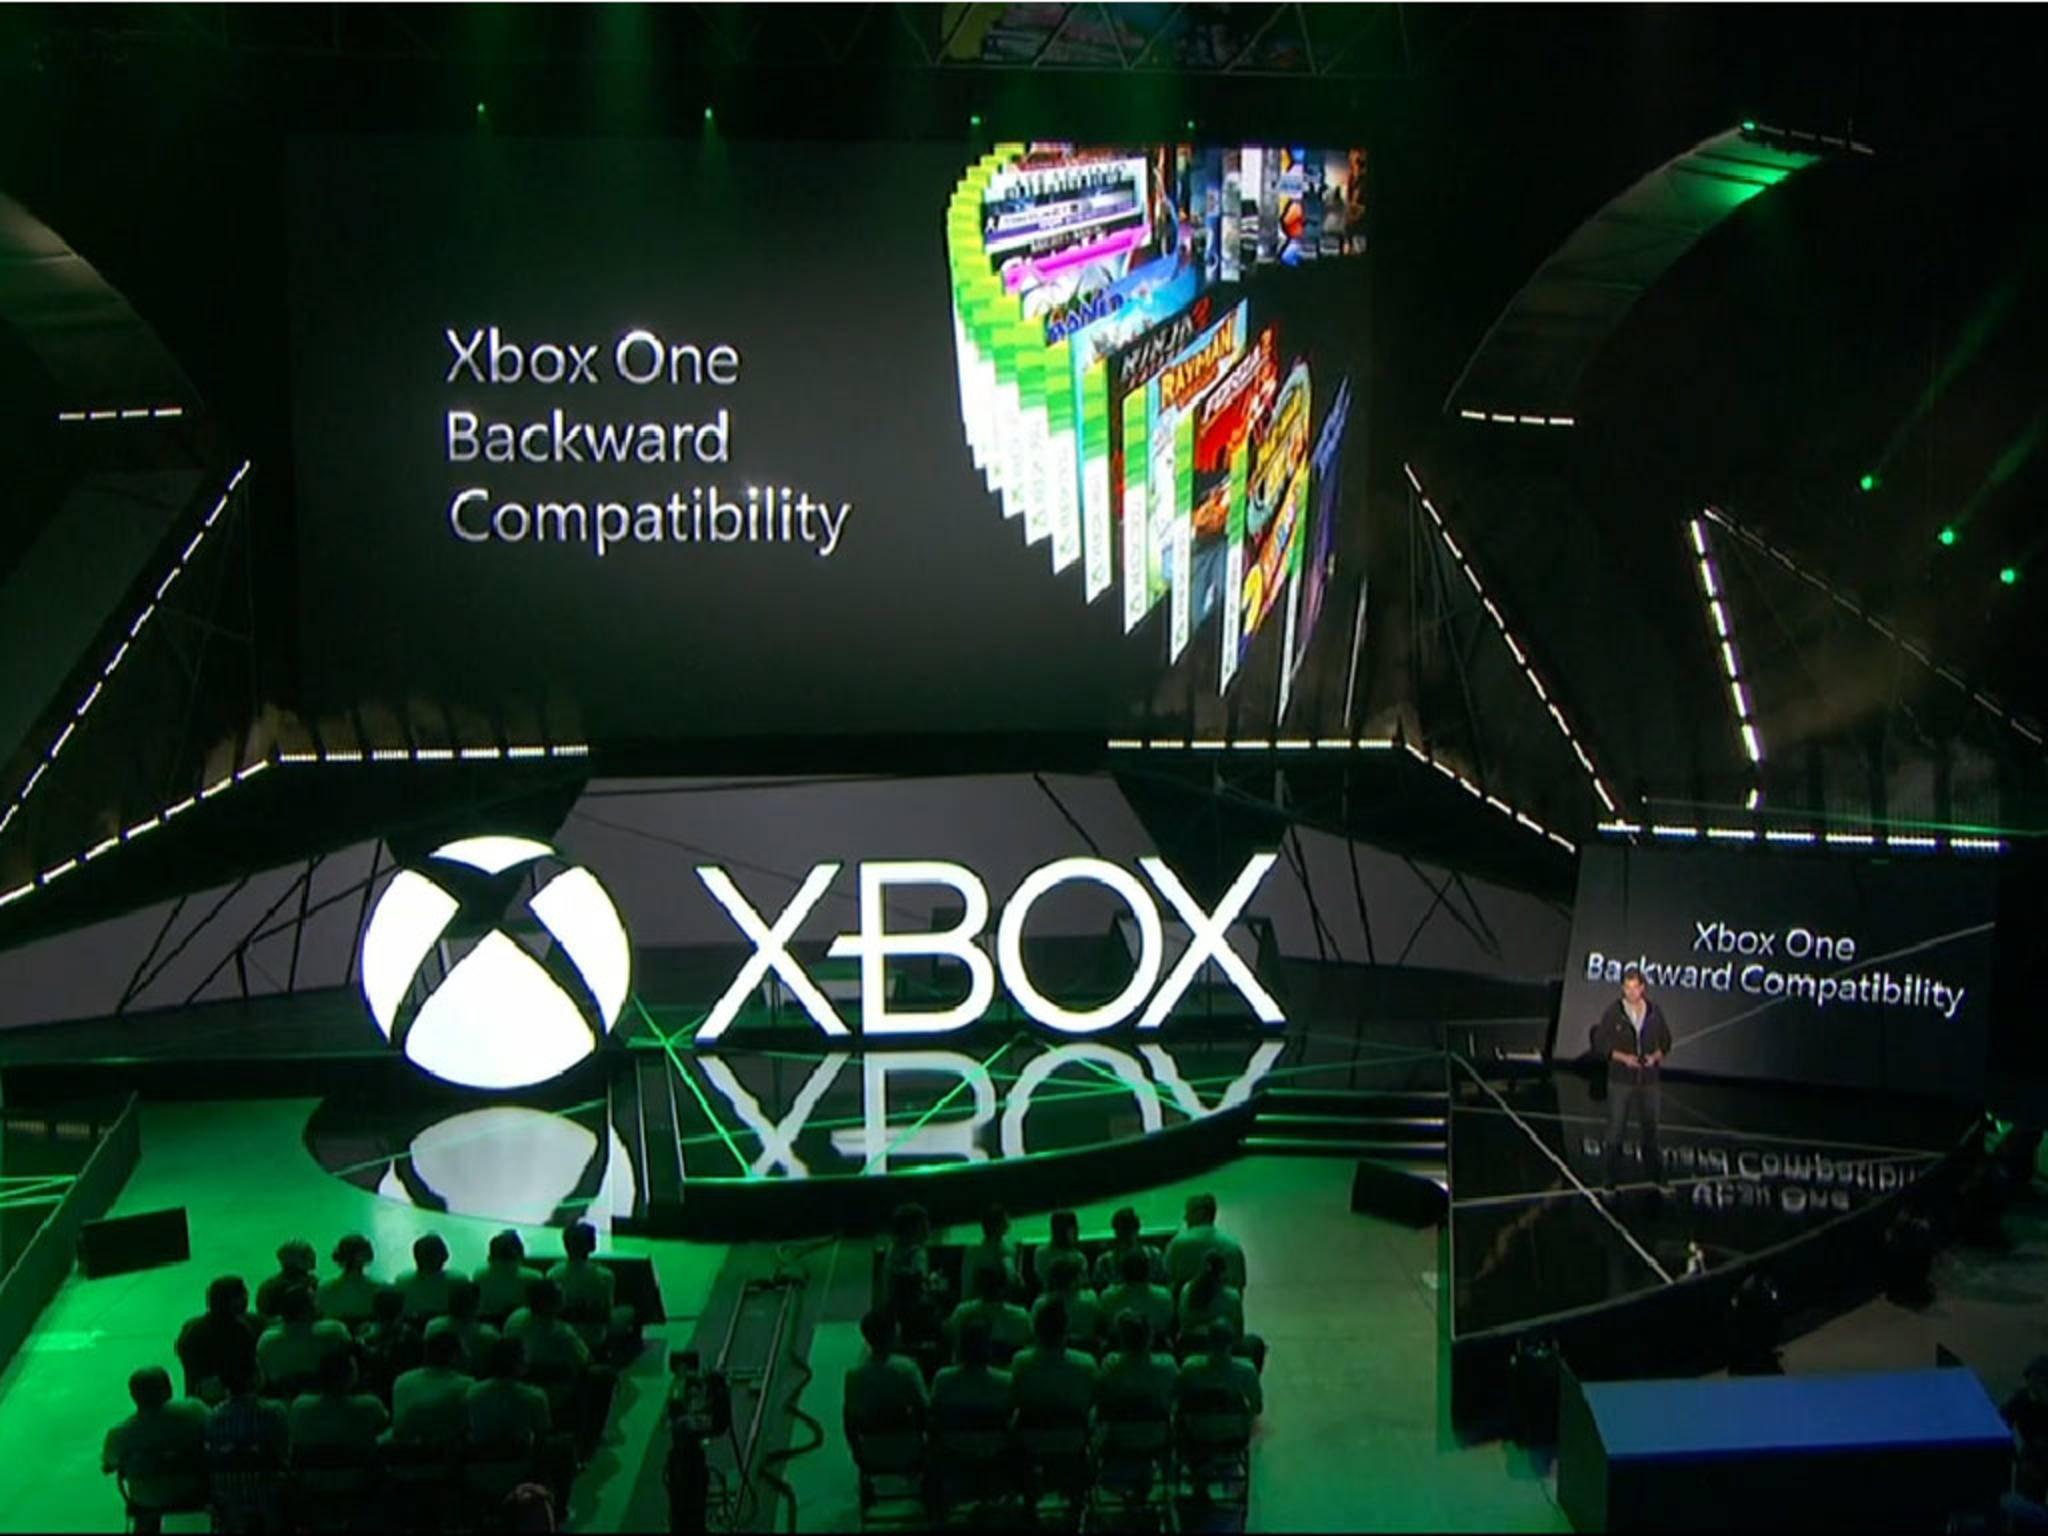 Die Xbox One Scorpio soll noch einmal viel leistungsfähiger als die PS4 Neo werden – und sie ist voraussichtlich abwärtskompatibel zu Xbox One Games.